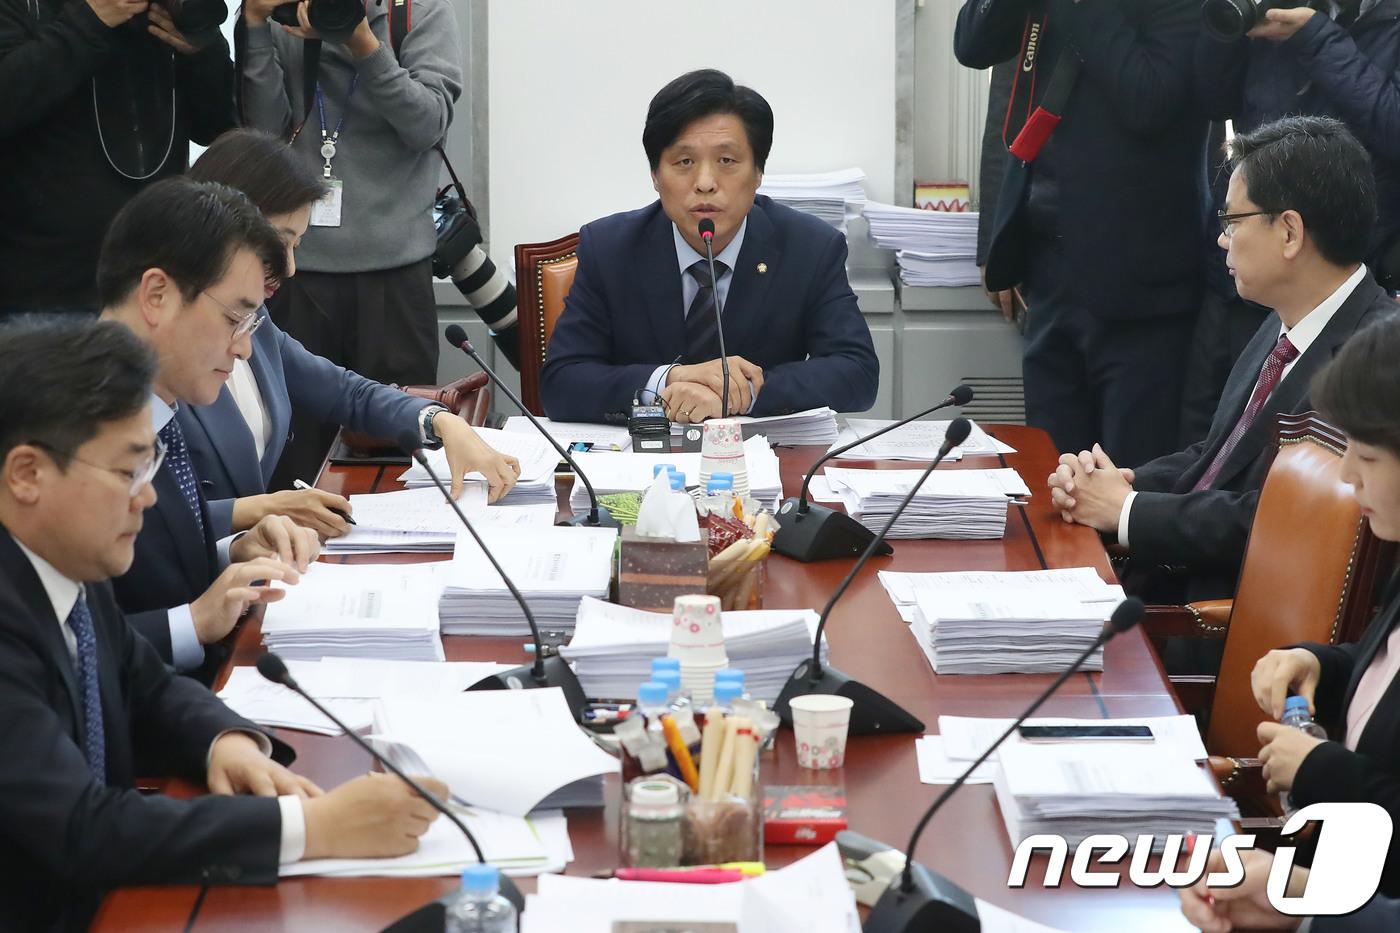 정기국회 통과 합의된 '사립유치원법'..법안심사는 어떻게?[경주카지노 하이원]